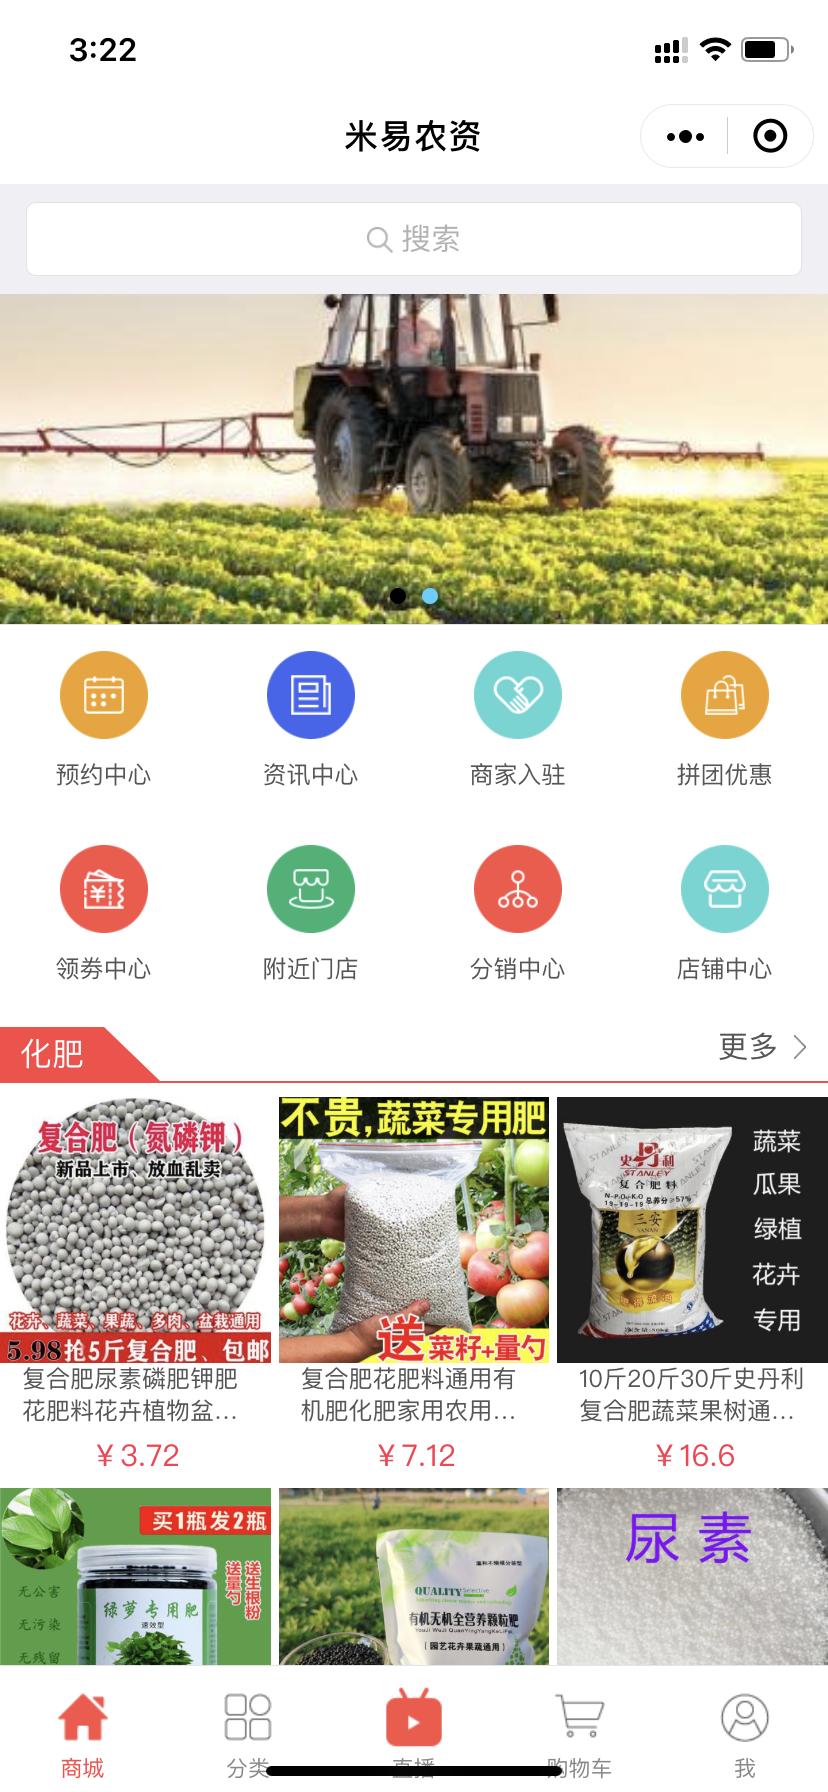 米易农资整合行业招商运营资源的专业平台